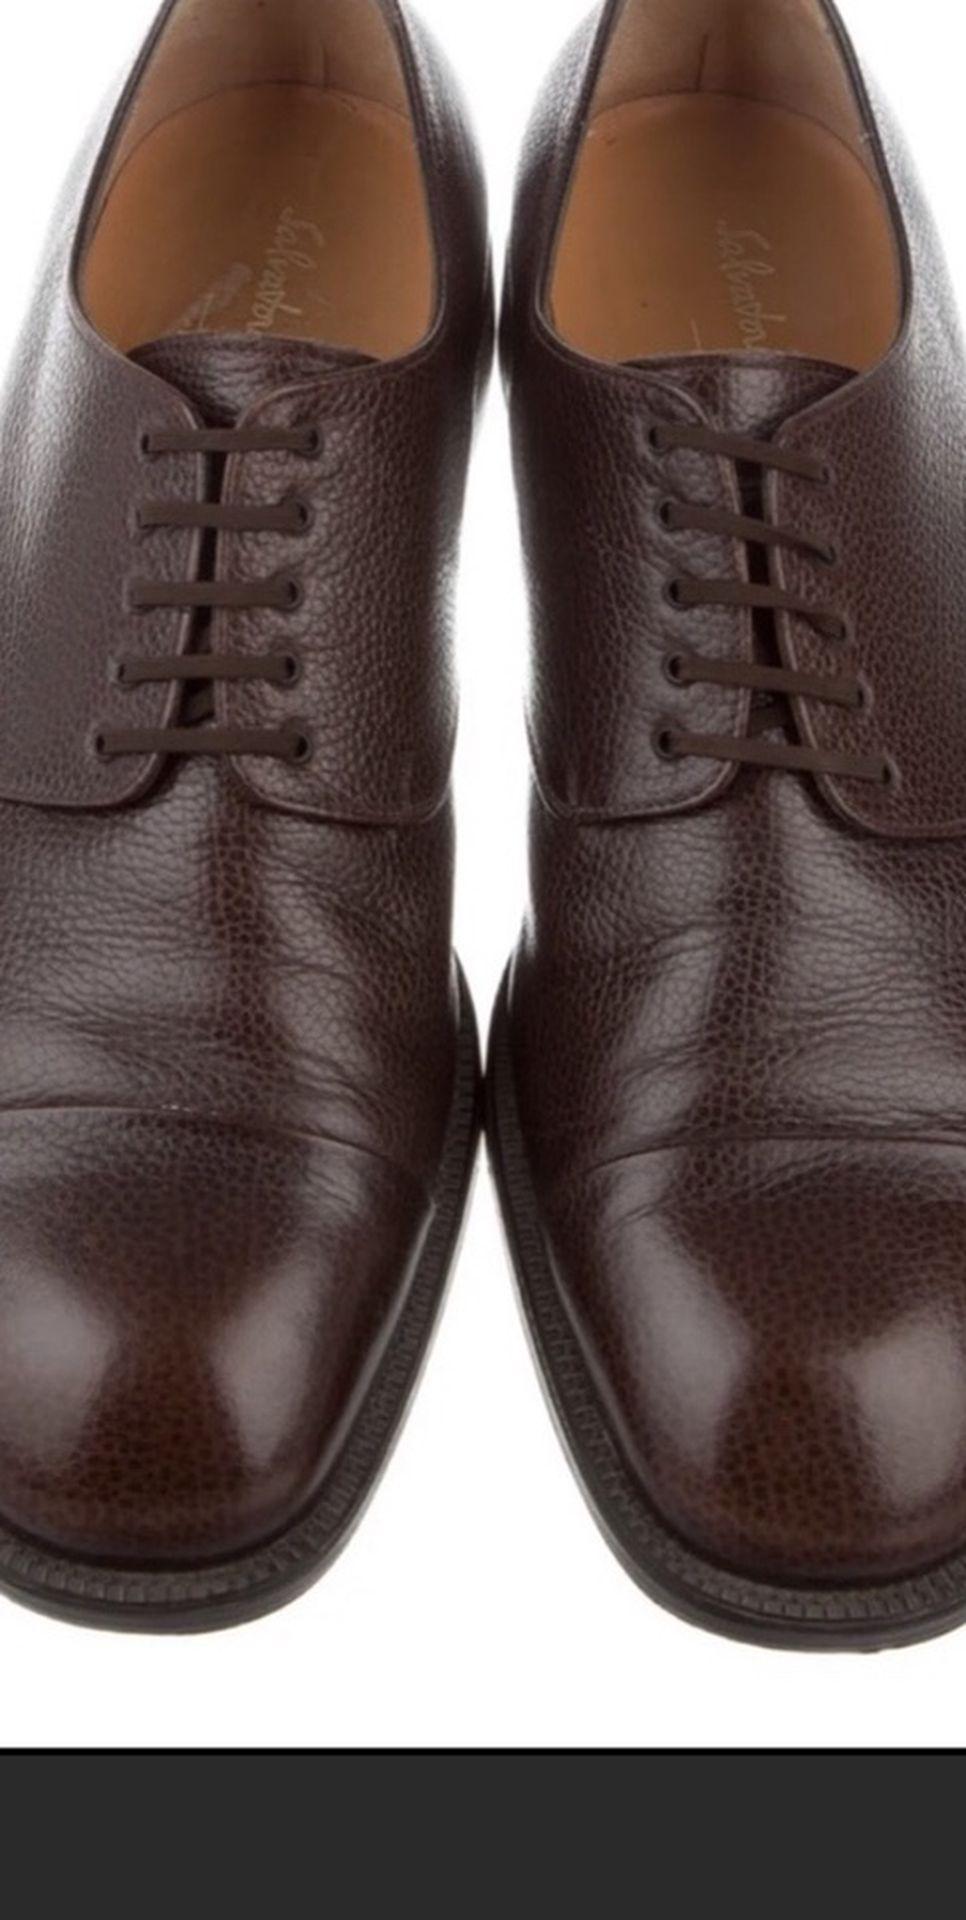 SALVATORE FERRAGAMO Leather Round Toe Oxfords